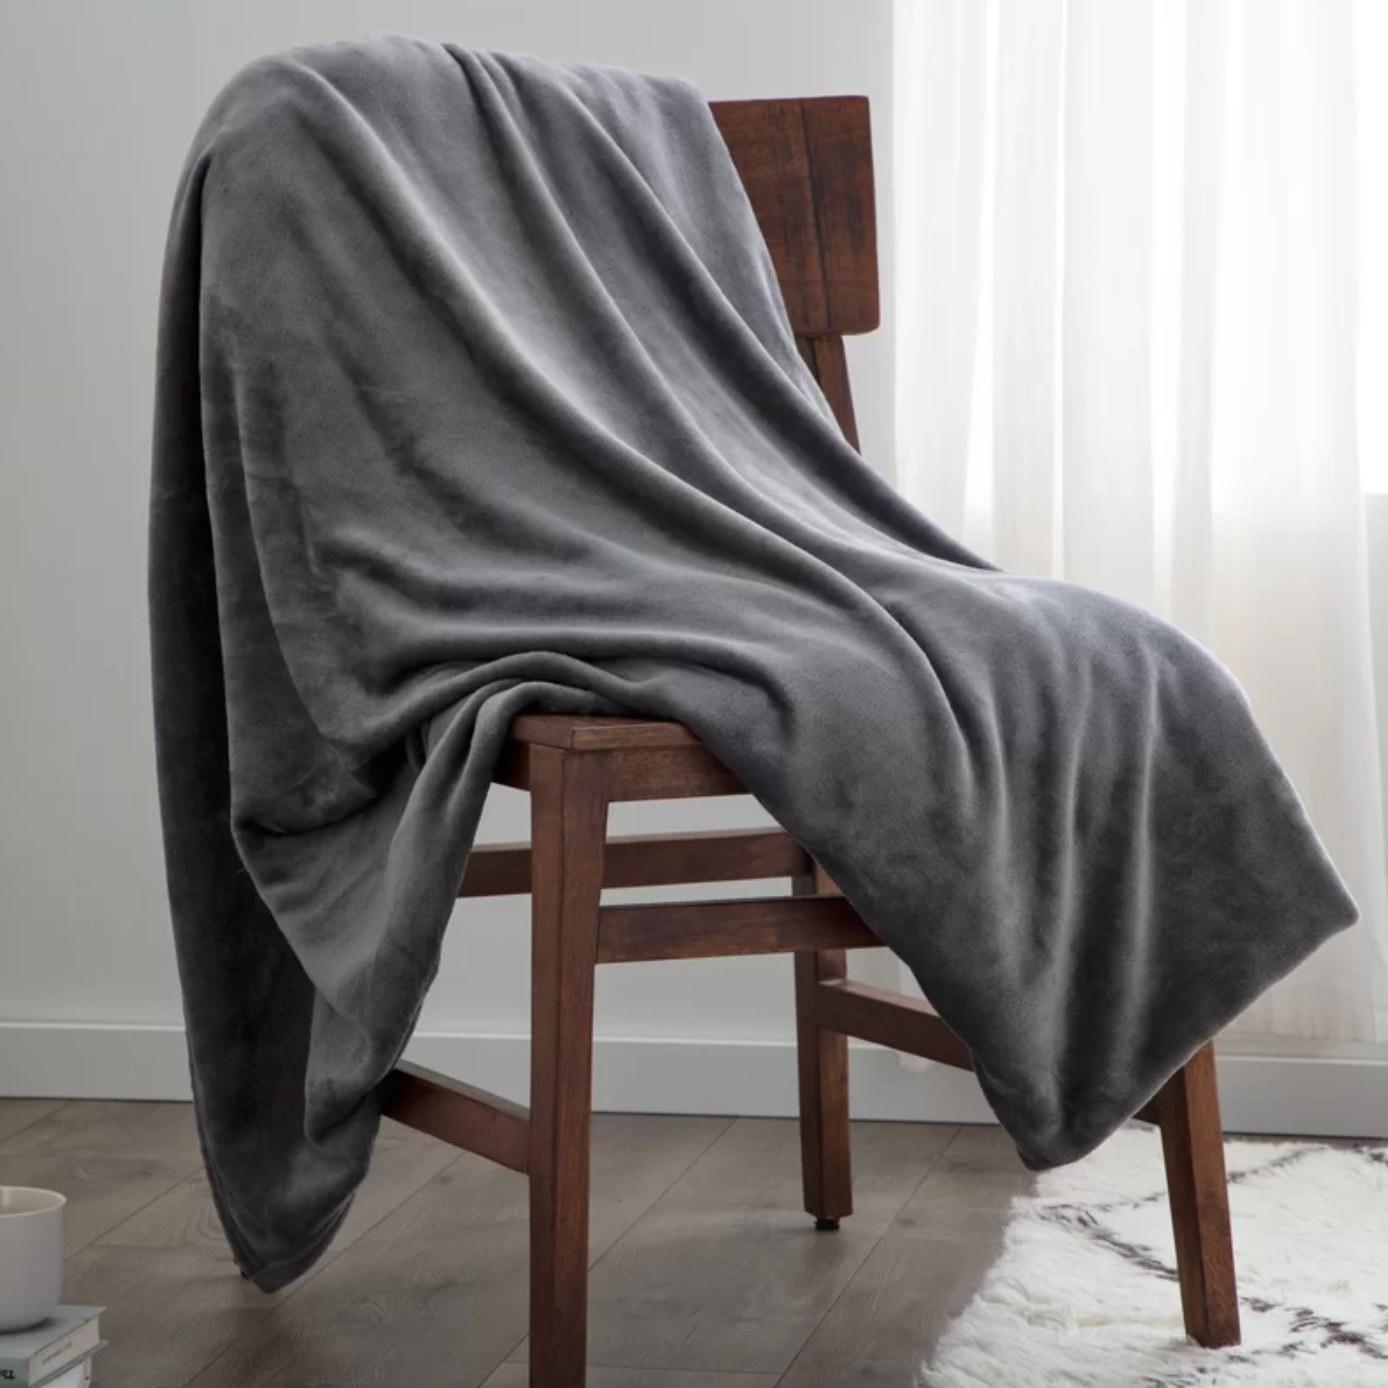 The fleece blanket in gray